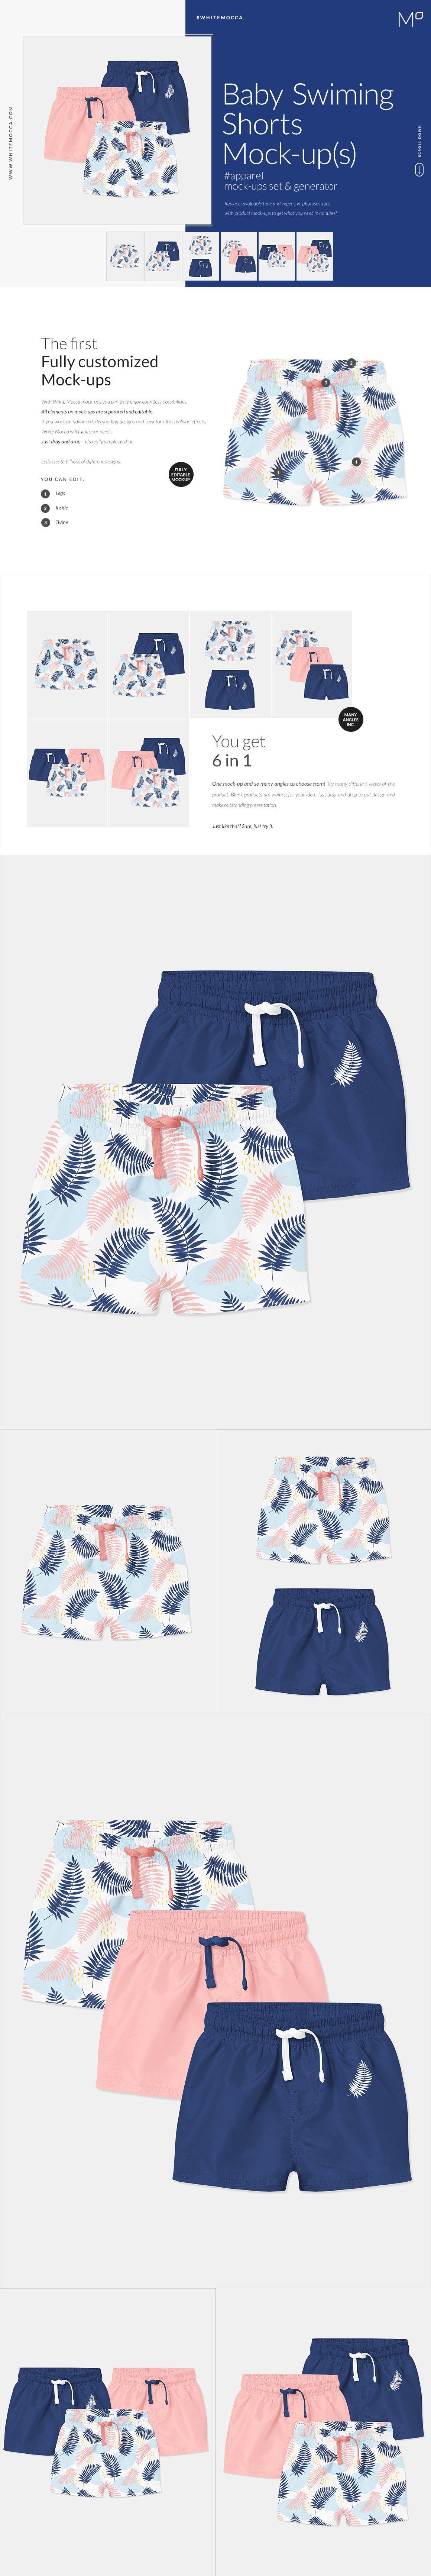 婴儿游泳短裤裤衩印花图案设计贴图样机套装 Baby Swimming Shorts Mockups Set插图